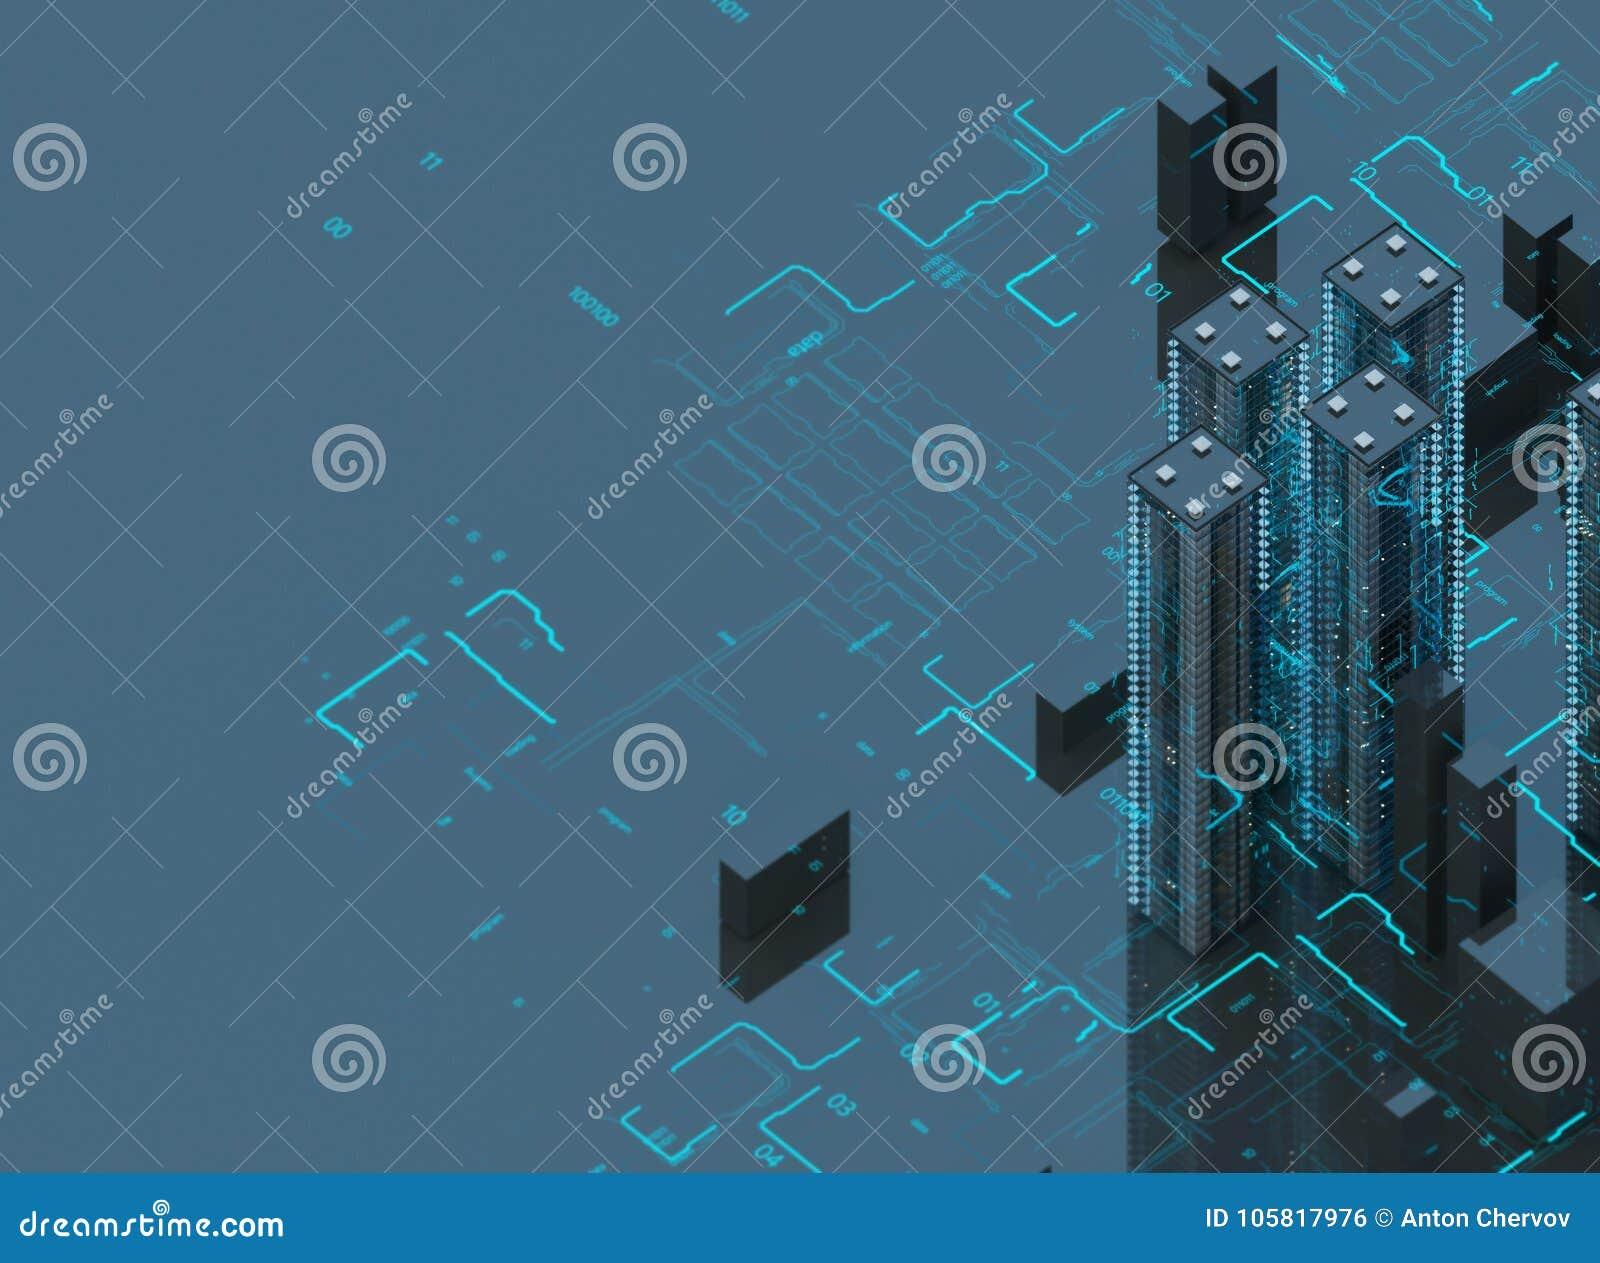 Футуристические небоскребы в подаче Подача цифровых данных город будущие дома обнаружили местонахождение наши заменяя сферы предс